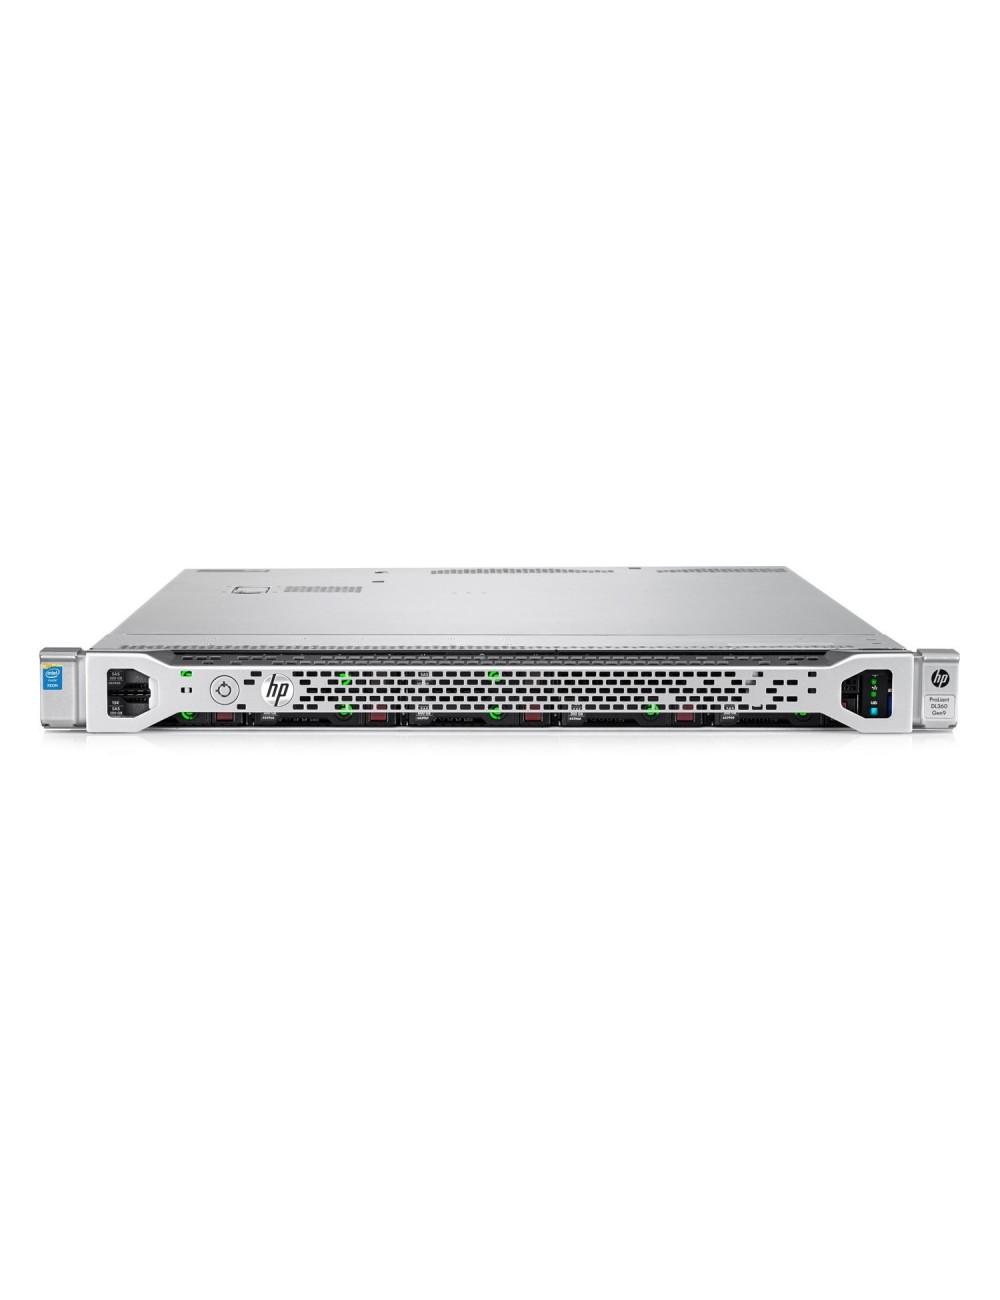 """HPE DL360 G9 8x 2,5"""" SFF, 2x E5-2620 v4 8c, 256GB DDR4 (16x 16GB), 4x 2,5"""" 1,2TB 10k 6G SAS HDD, 2x 1,92TB 2,5"""" SATA SSD"""